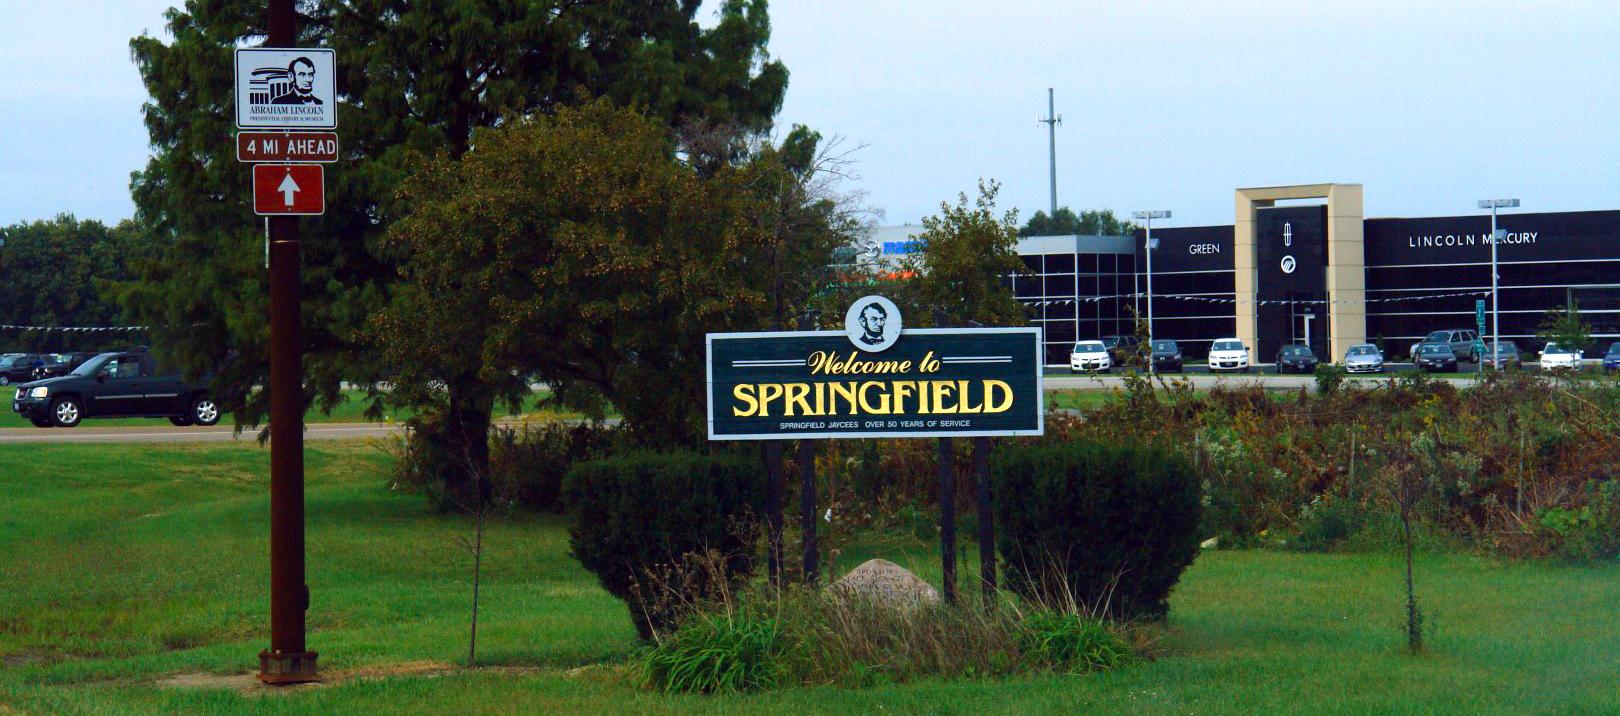 Springfield, Illinois, Estados Unidos, Los Simpsons dónde está springfield - 30705863562 af4b85d3ef o - ¿Dónde está Springfield?, yo ya he estado.